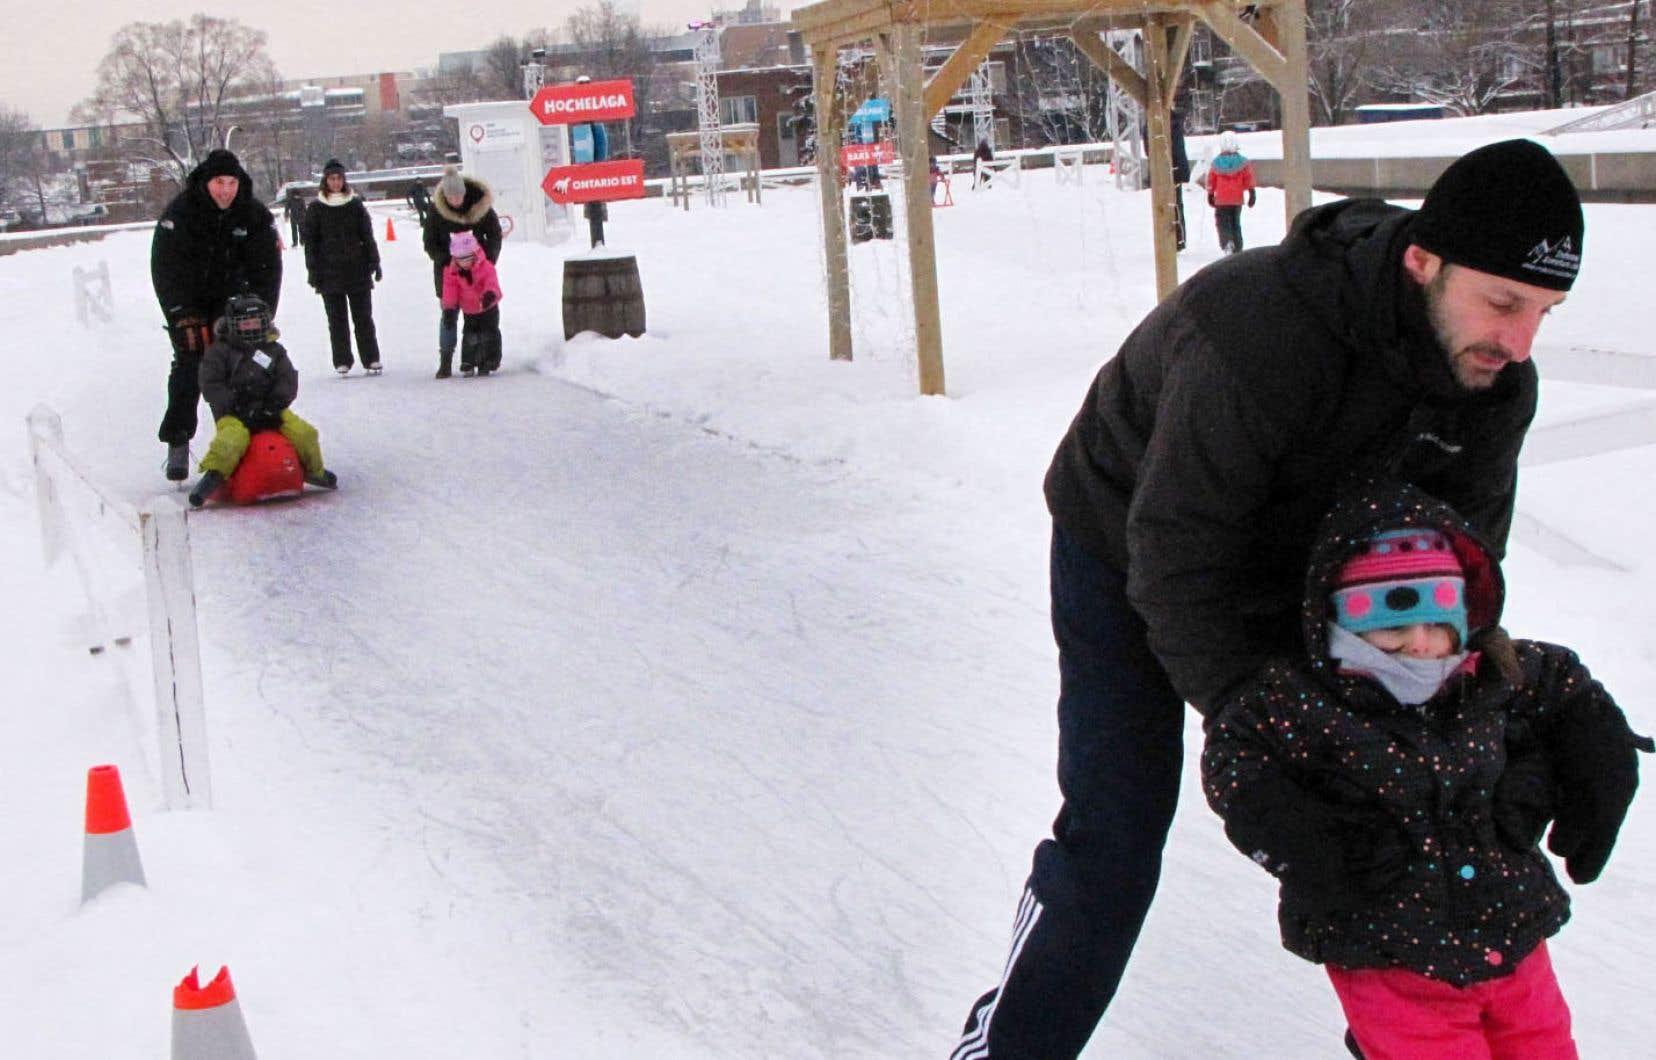 Le Village d'hiver V est ouvert jusqu'au 25mars. L'anneau de glace est réfrigéré, alors le patinage sera possible même quand le temps s'adoucira.